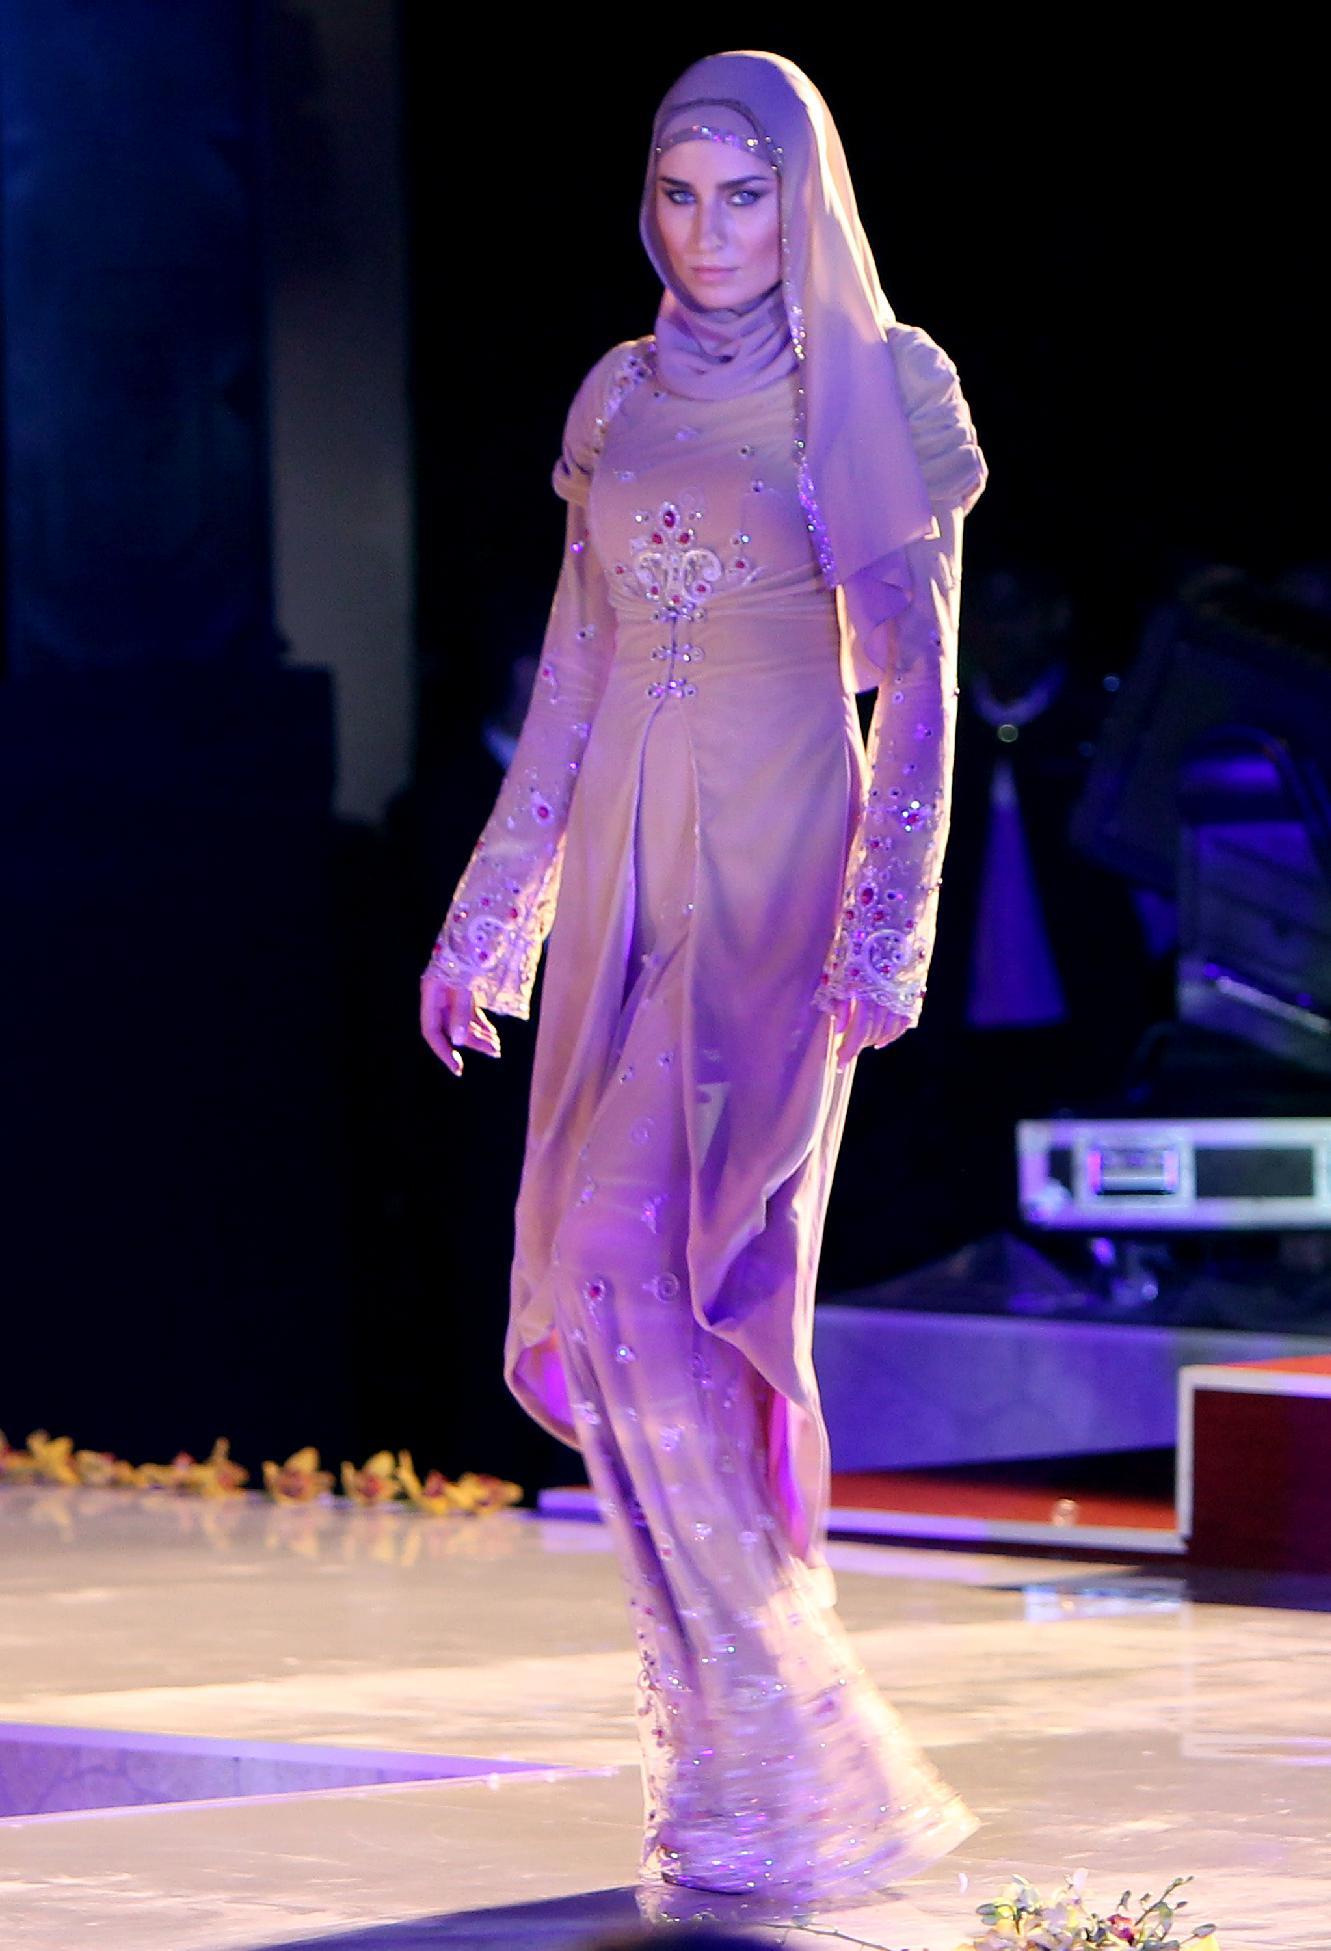 Чеченки в платьях фото 17 фотография